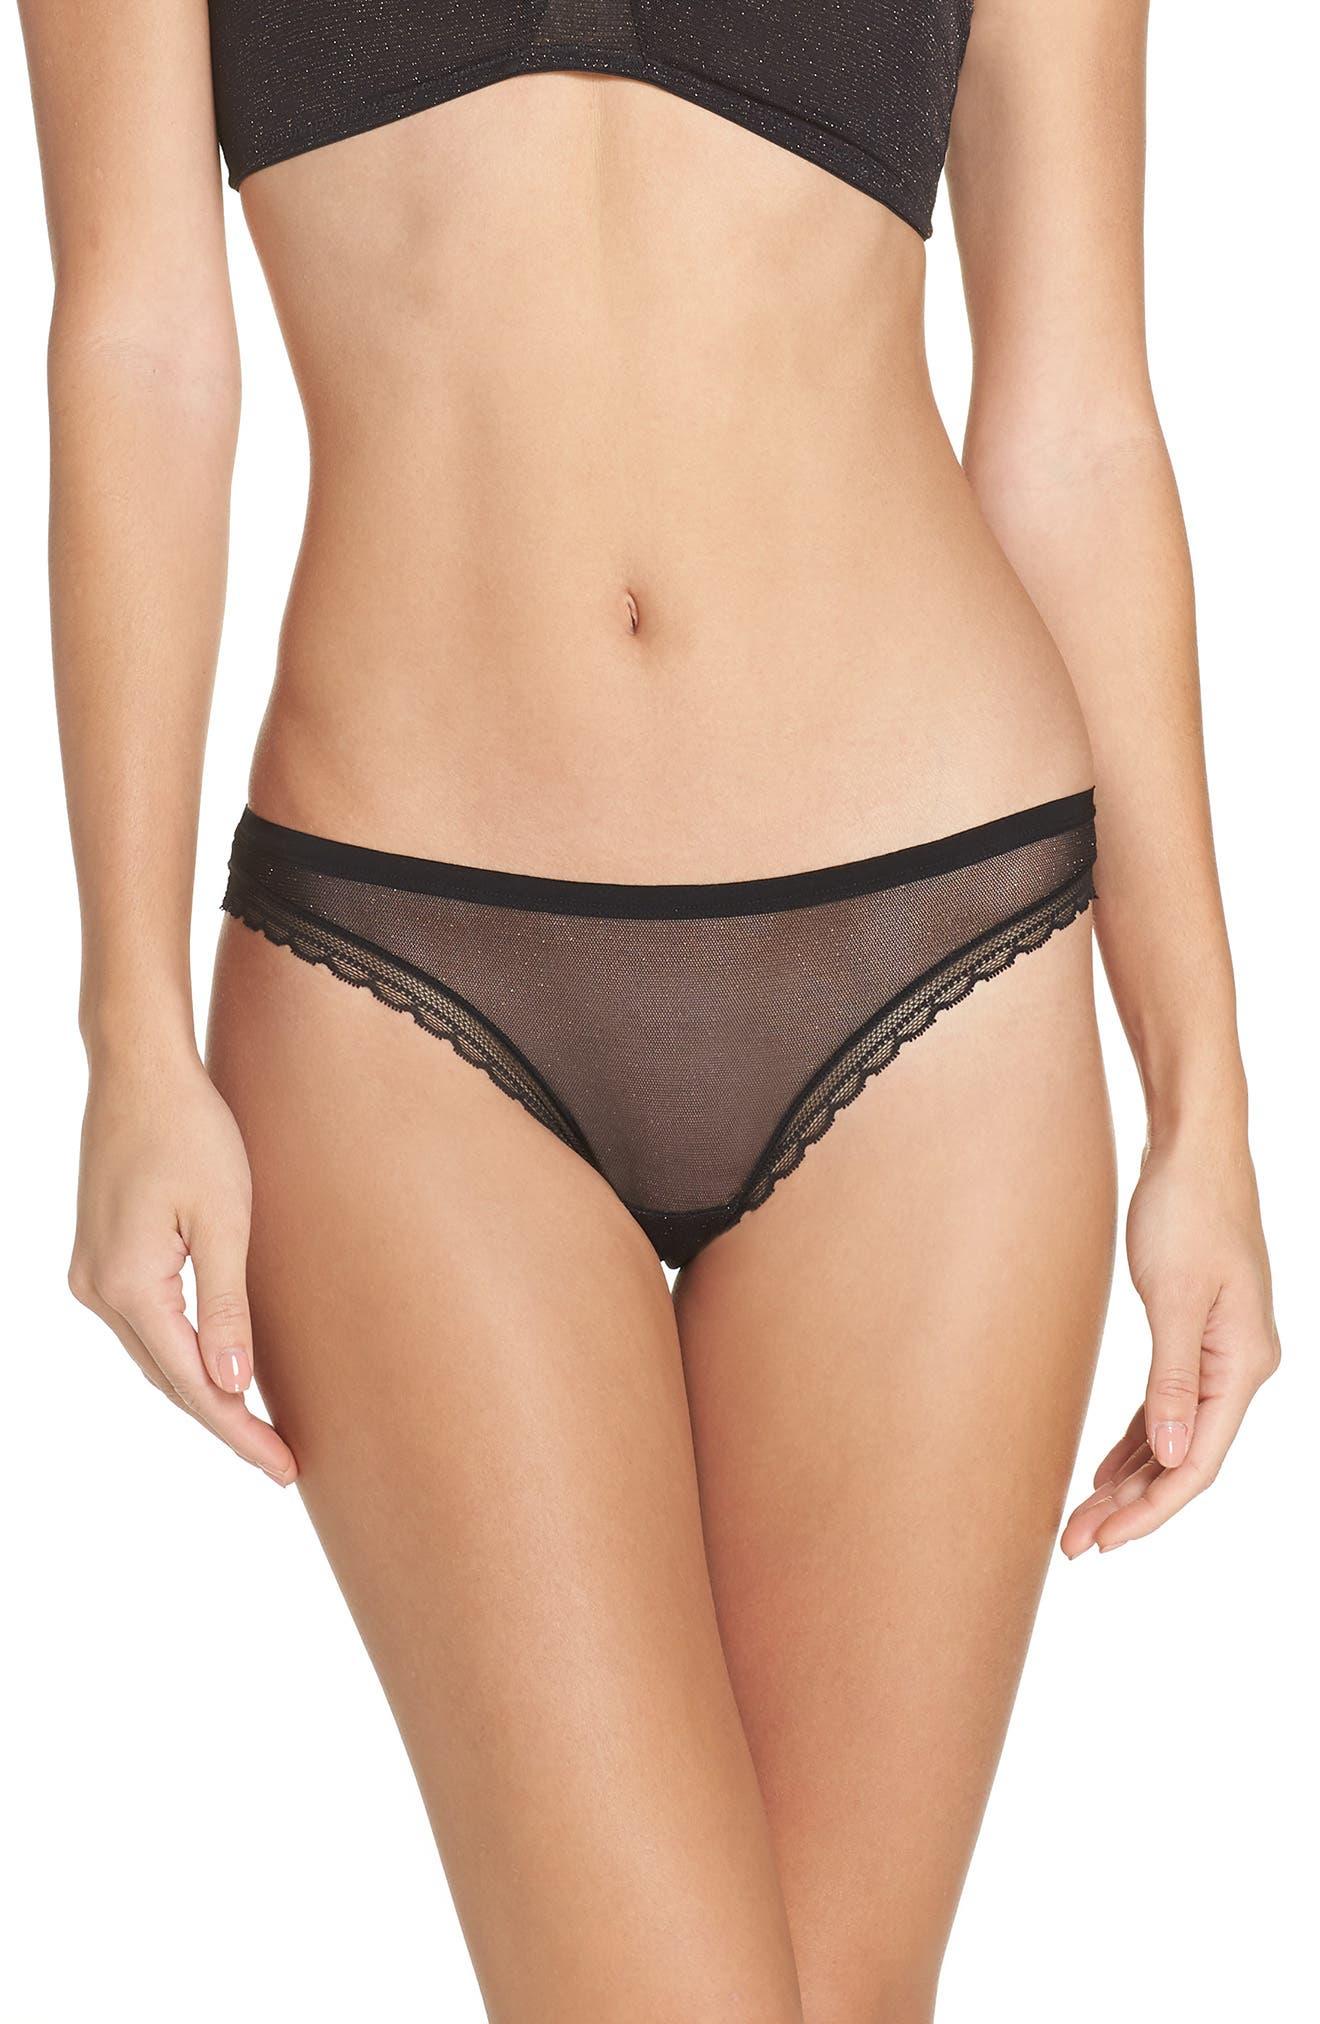 Mesh Bikini,                         Main,                         color, BLACK SHIMMER